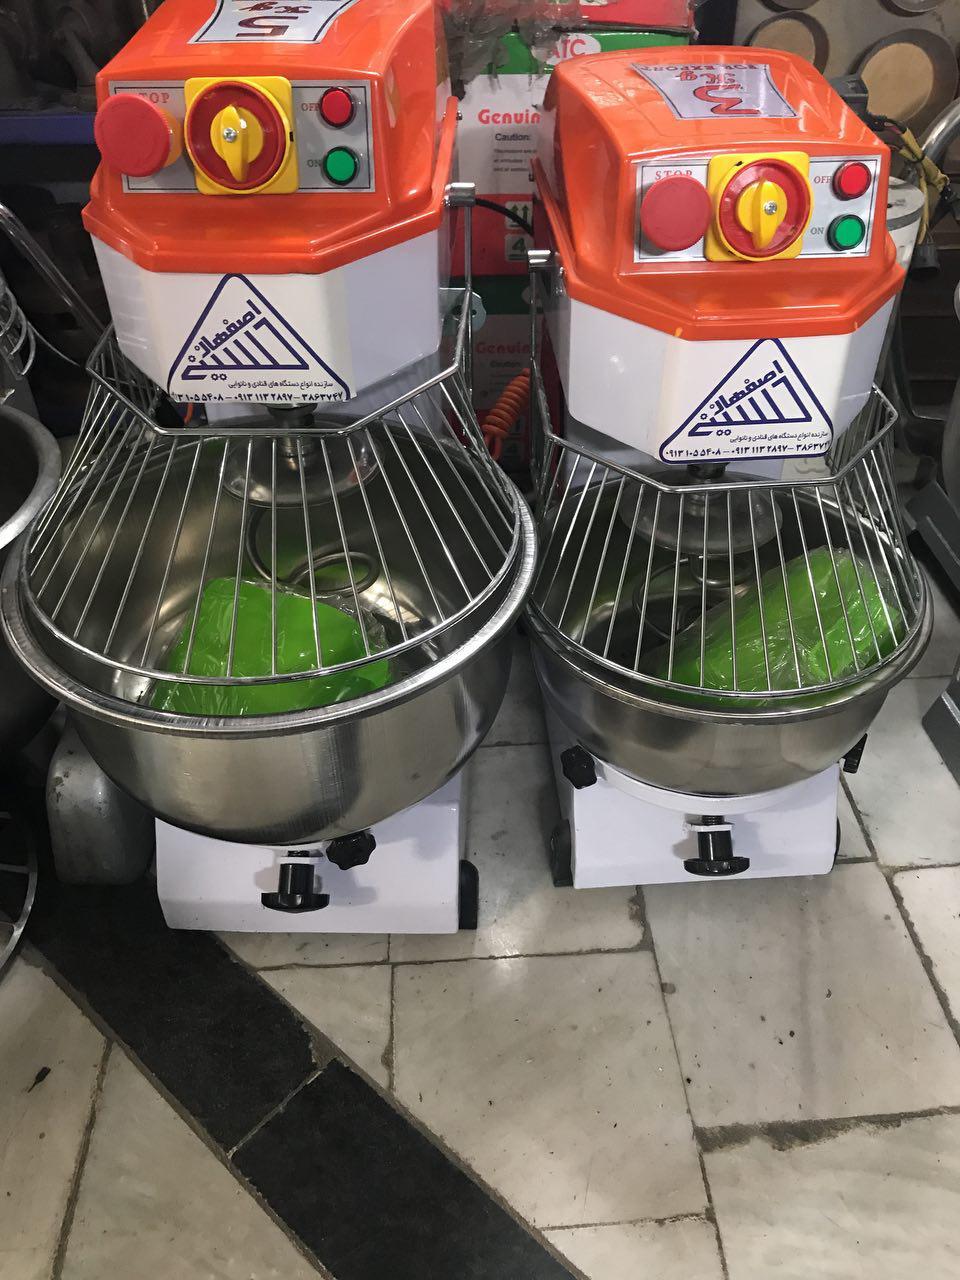 فروش انواع دستگاه میکسر بزرگ وکوچک قنادی